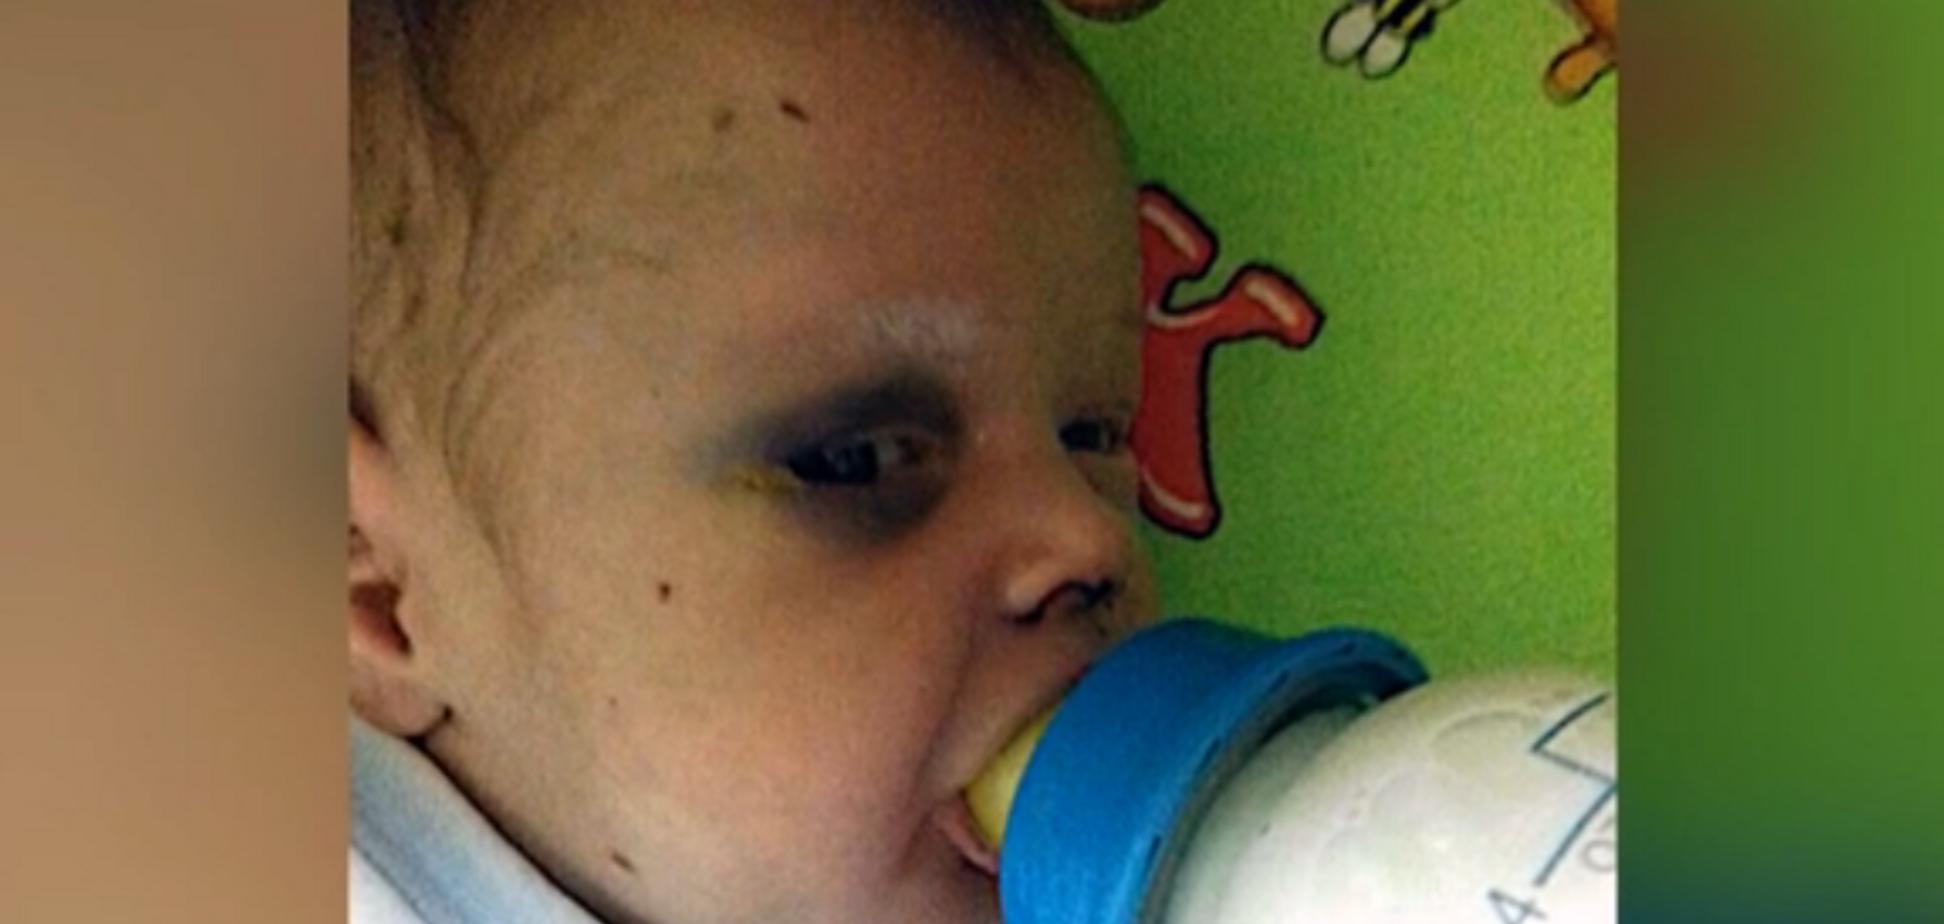 Кинула заради коханця: на Рівненщині мати жорстоко побила немовля. Кадри 18+